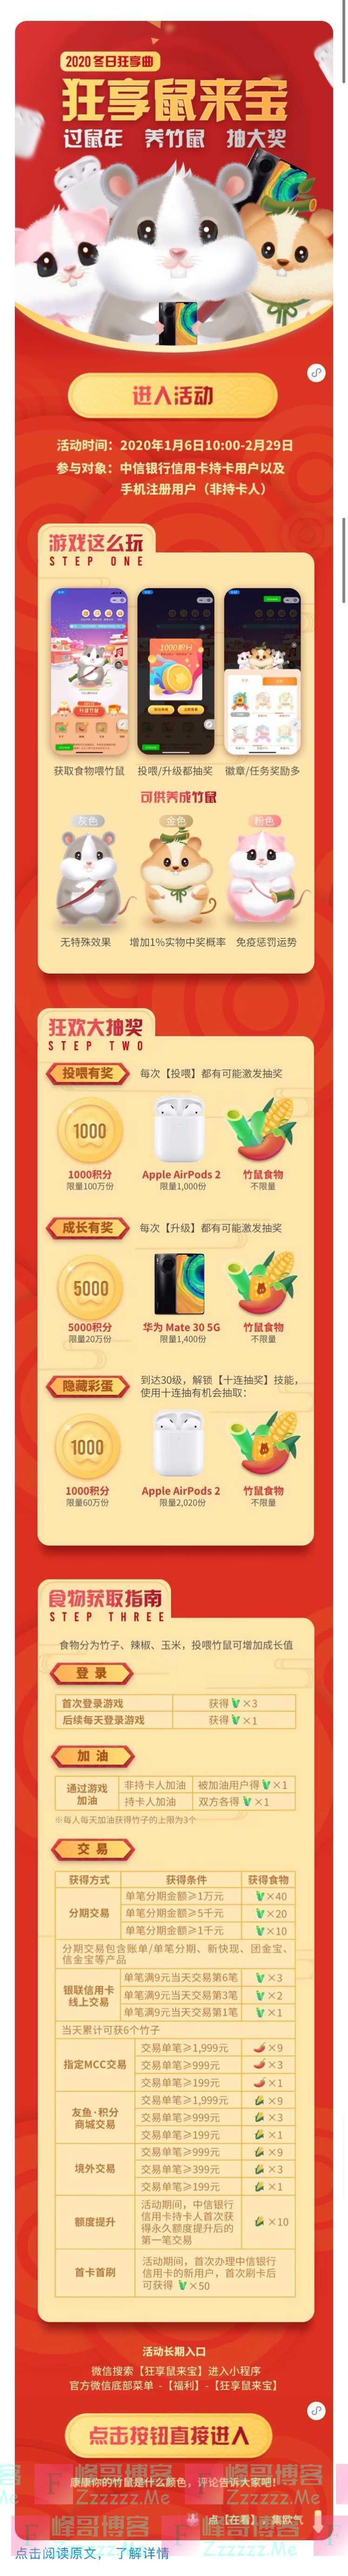 中信银行xing/用卡狂享鼠来宝 过鼠年 养竹鼠 抽大奖(2月29日截止)